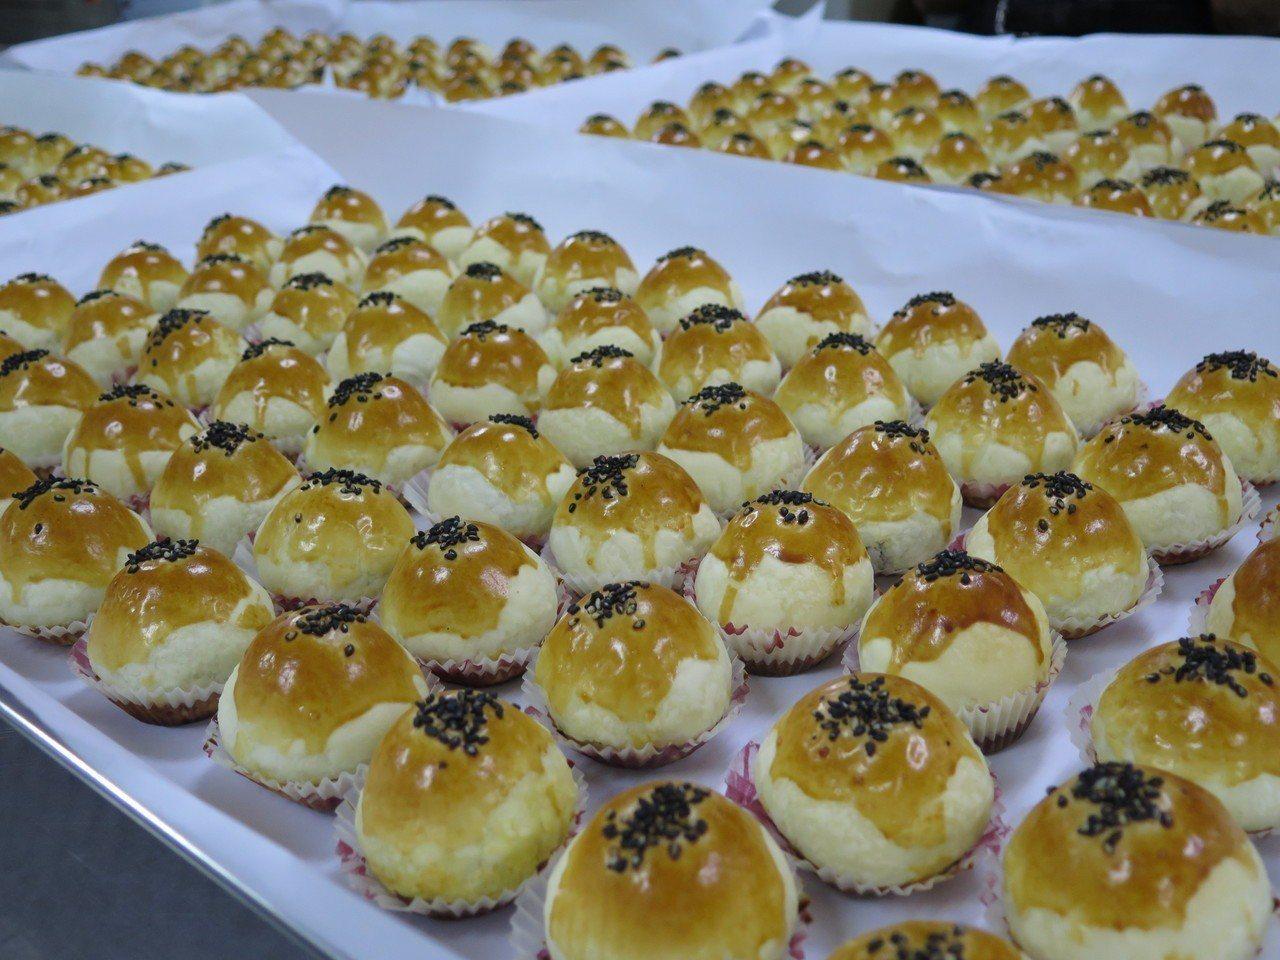 桃園區農會每到中秋前夕都在趕工做月餅,其中香酥可口的蛋黃酥很受歡迎。記者張裕珍/...